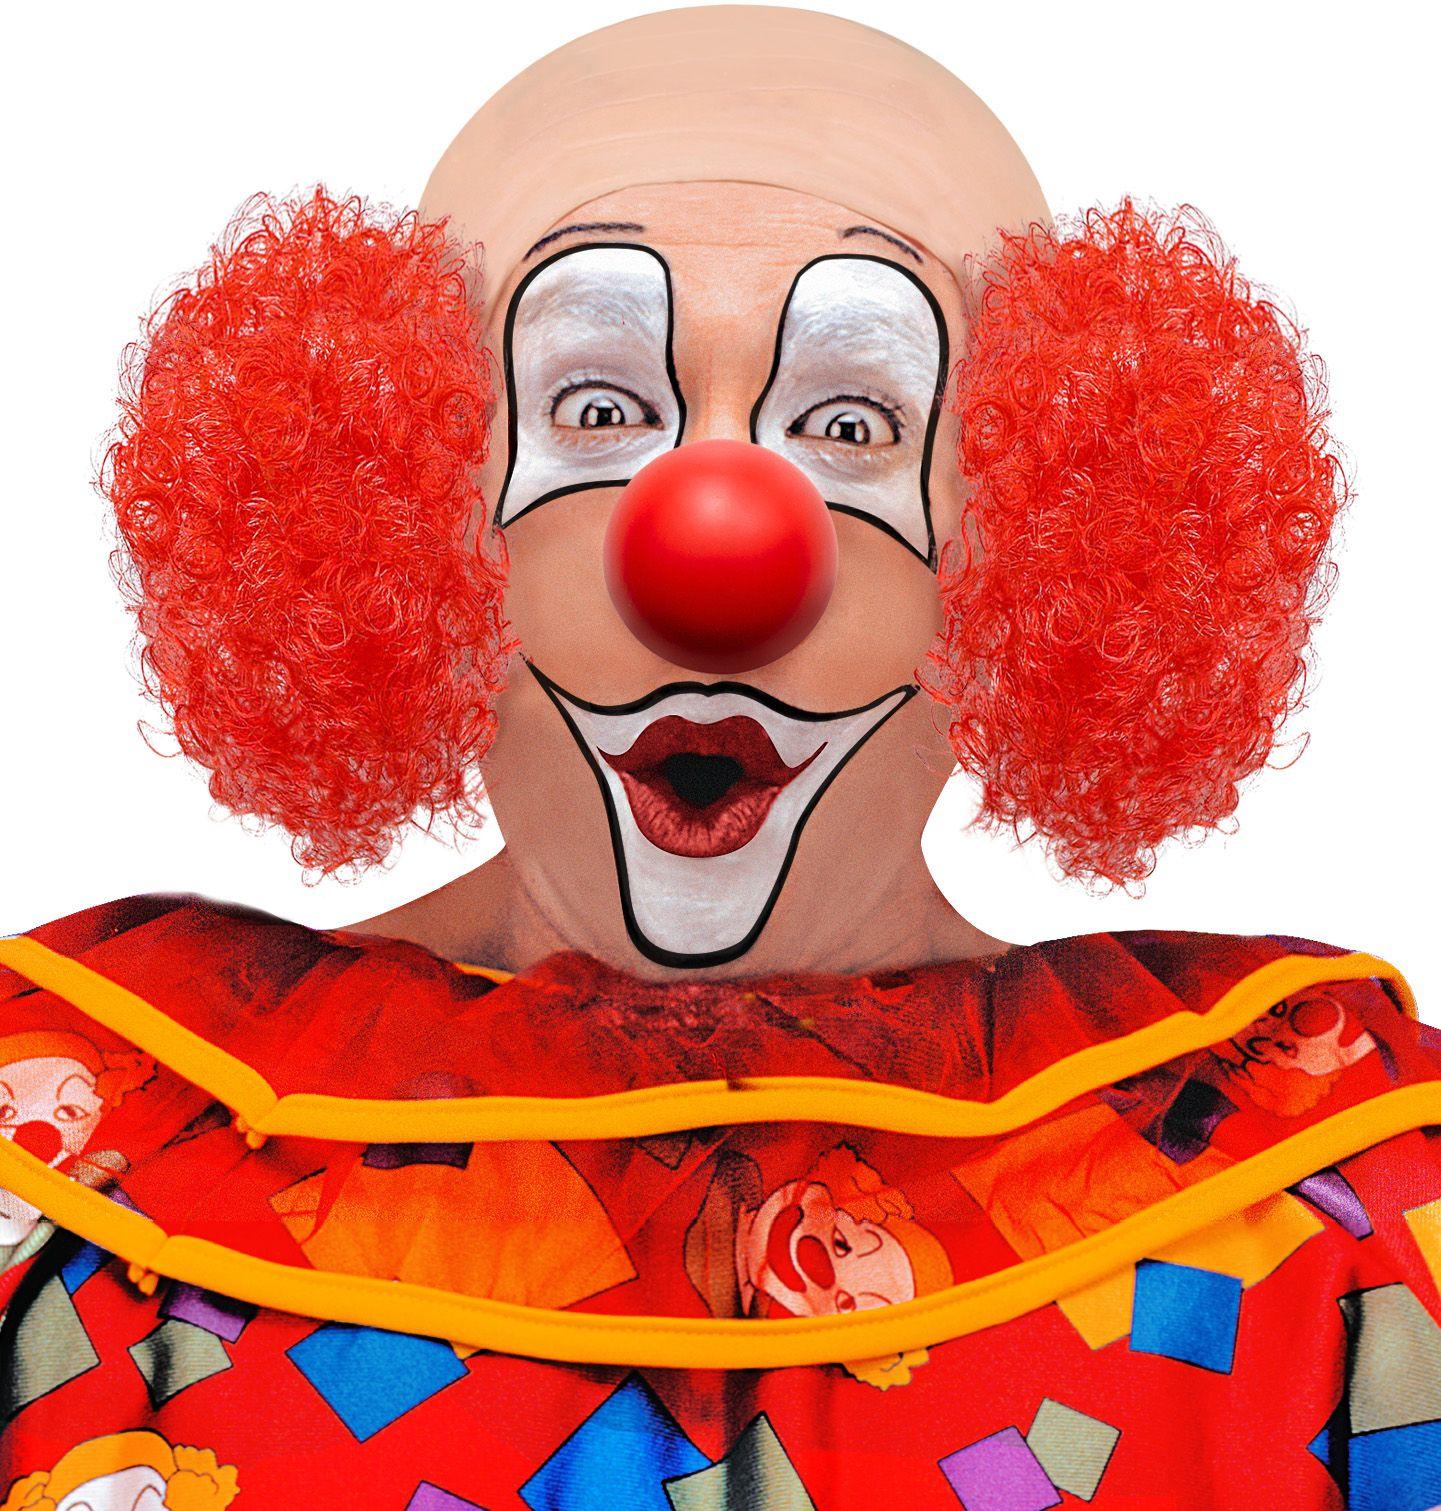 Clown hoofdstuk met rood haar